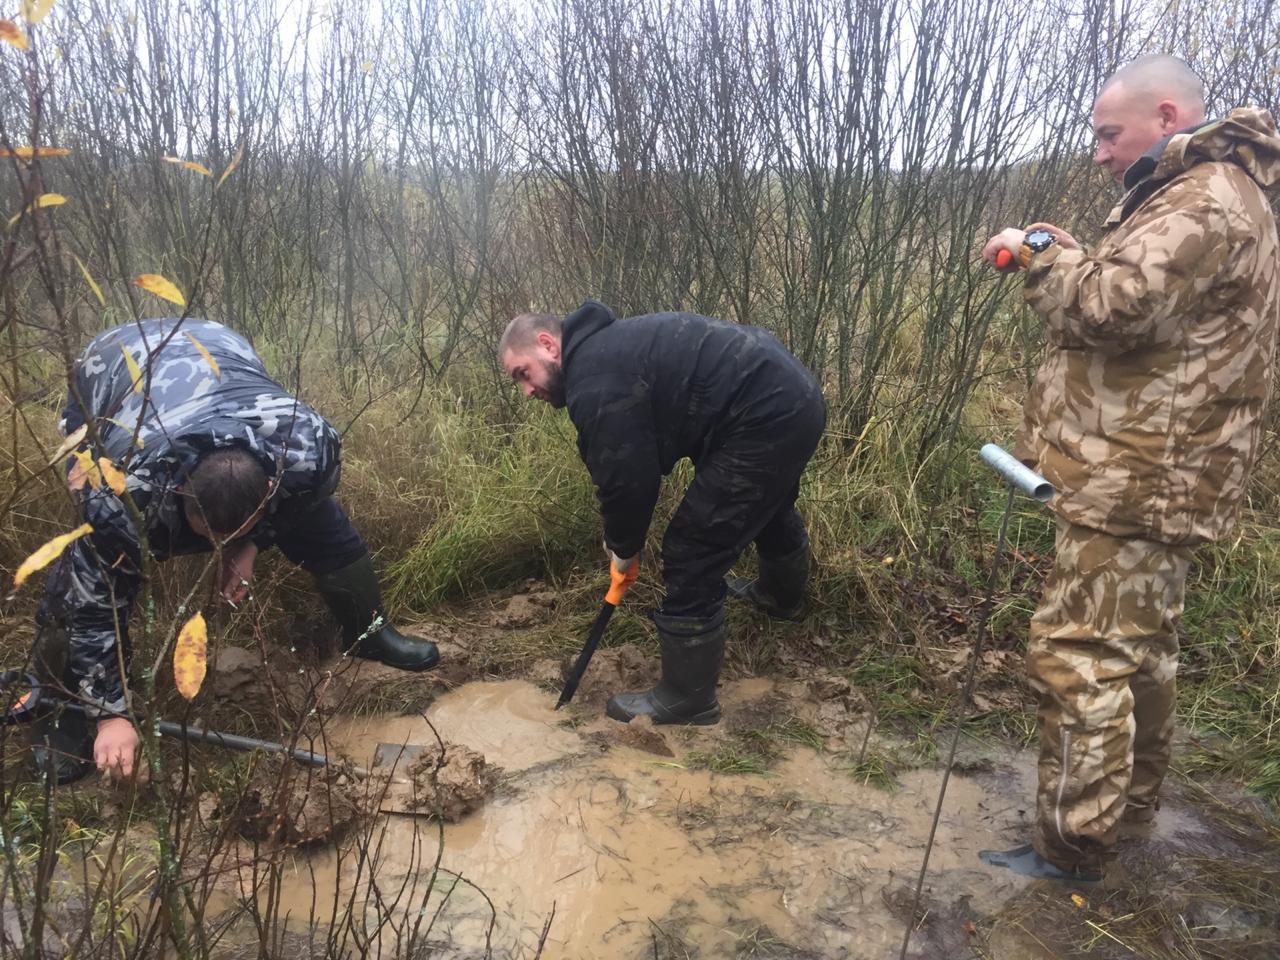 Останки семи красноармейцев в тулупах и валенках нашли в Тверской области